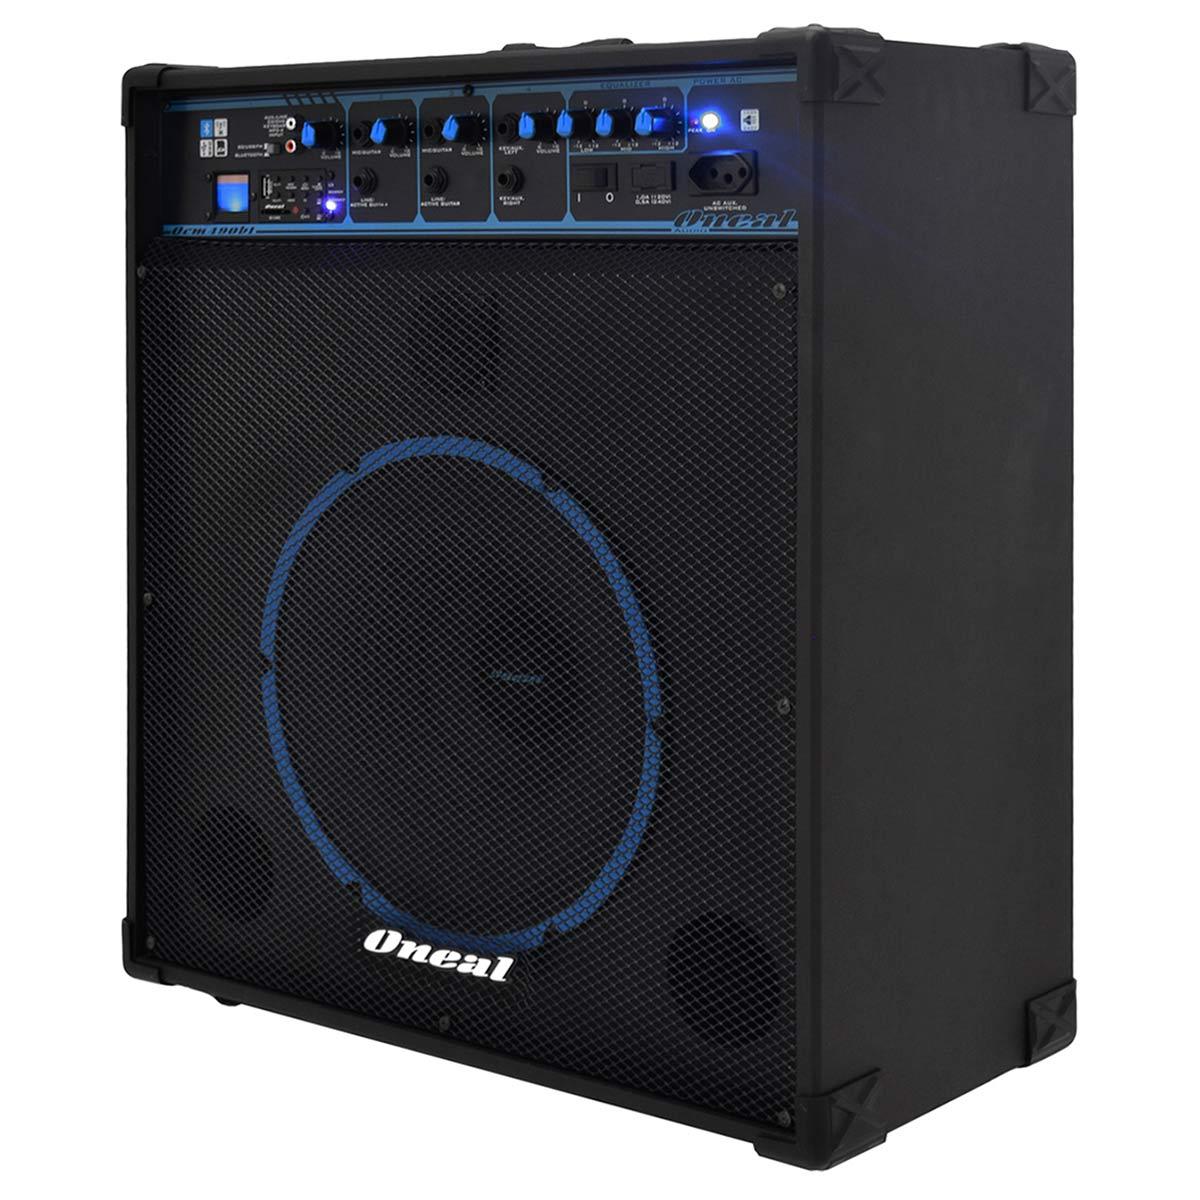 OCM490BT - Cubo Multiuso Ativo 80W c/ Bluetooth e USB OCM 490 BT - Oneal